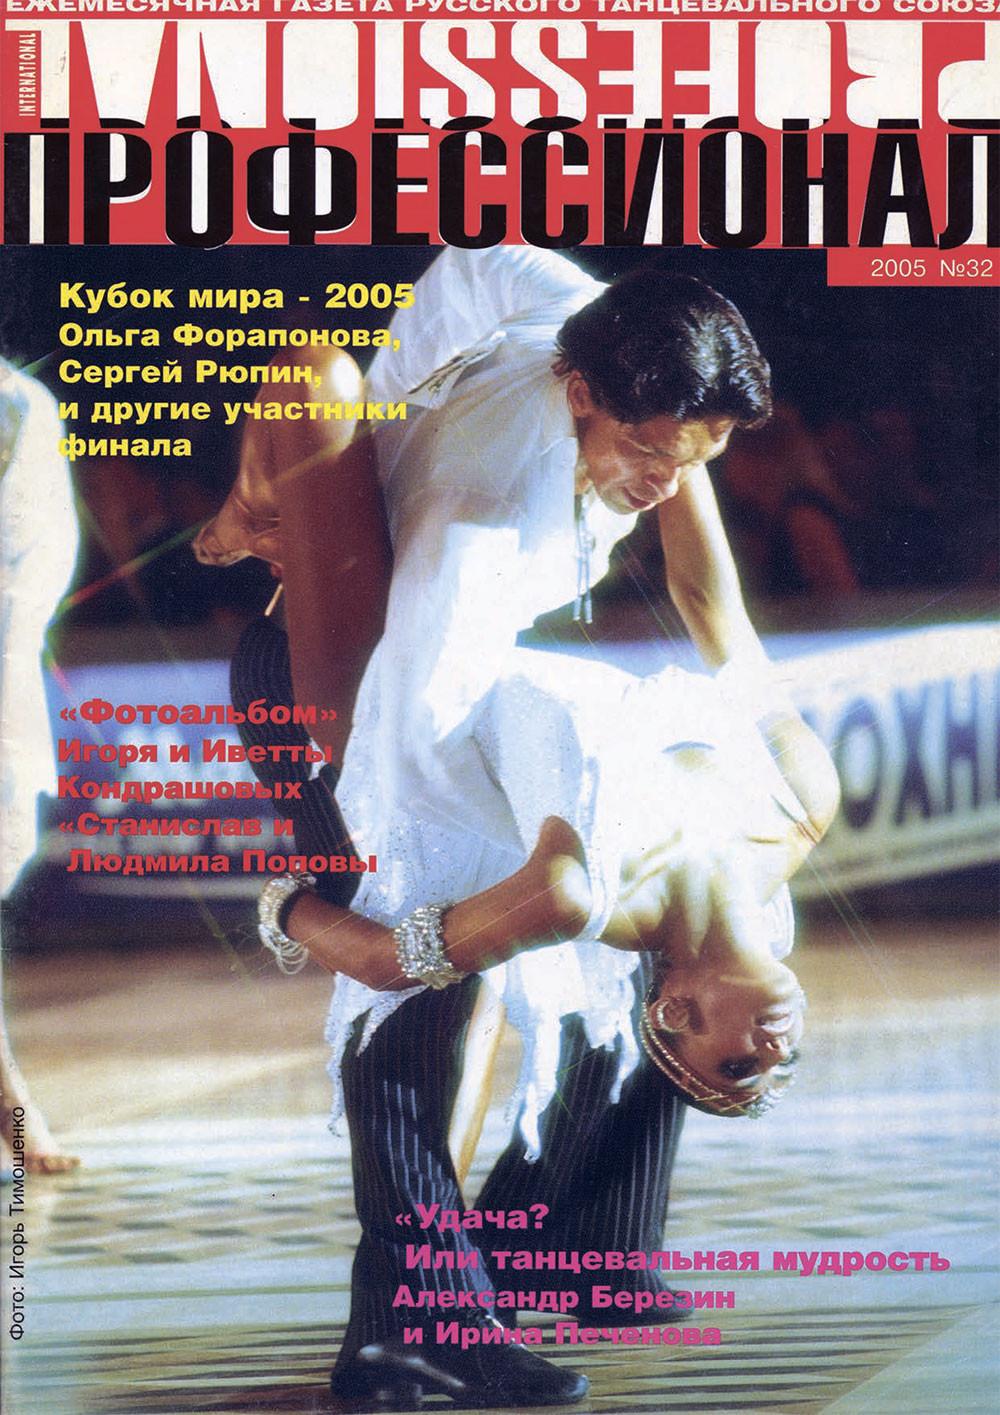 Журнал Профессионал №32 2005